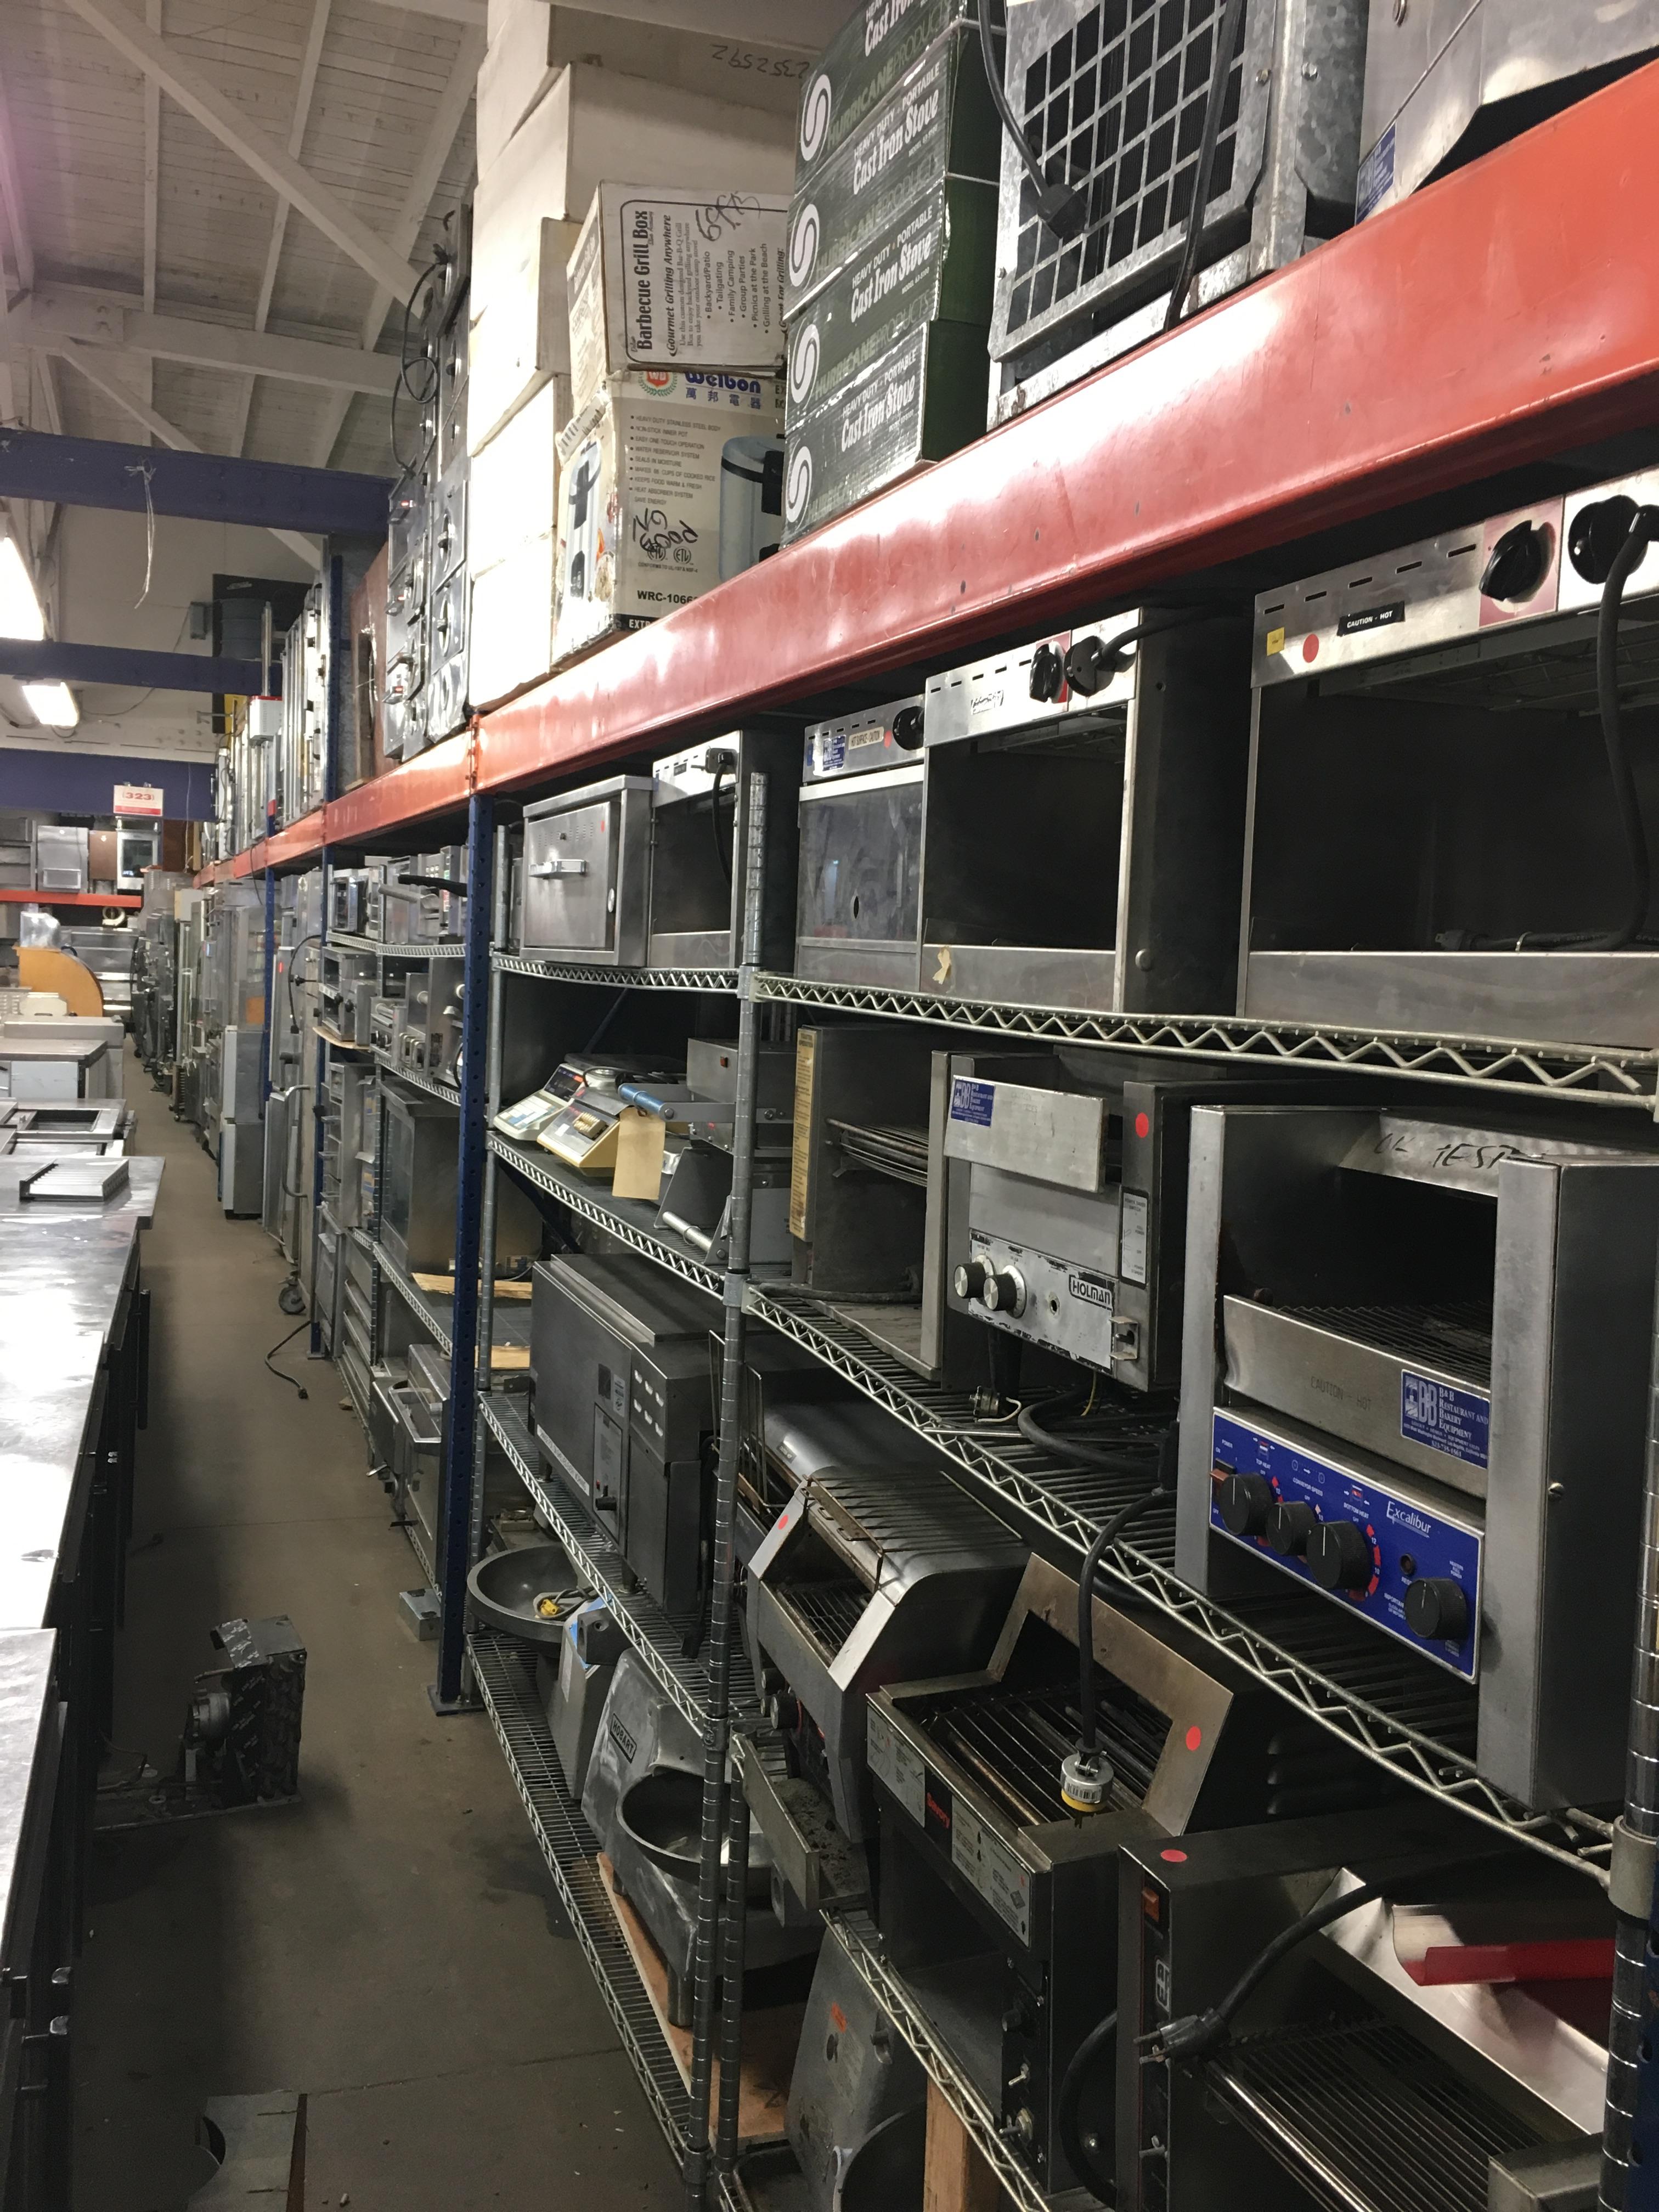 restaurant-equipment-15040825861.jpg